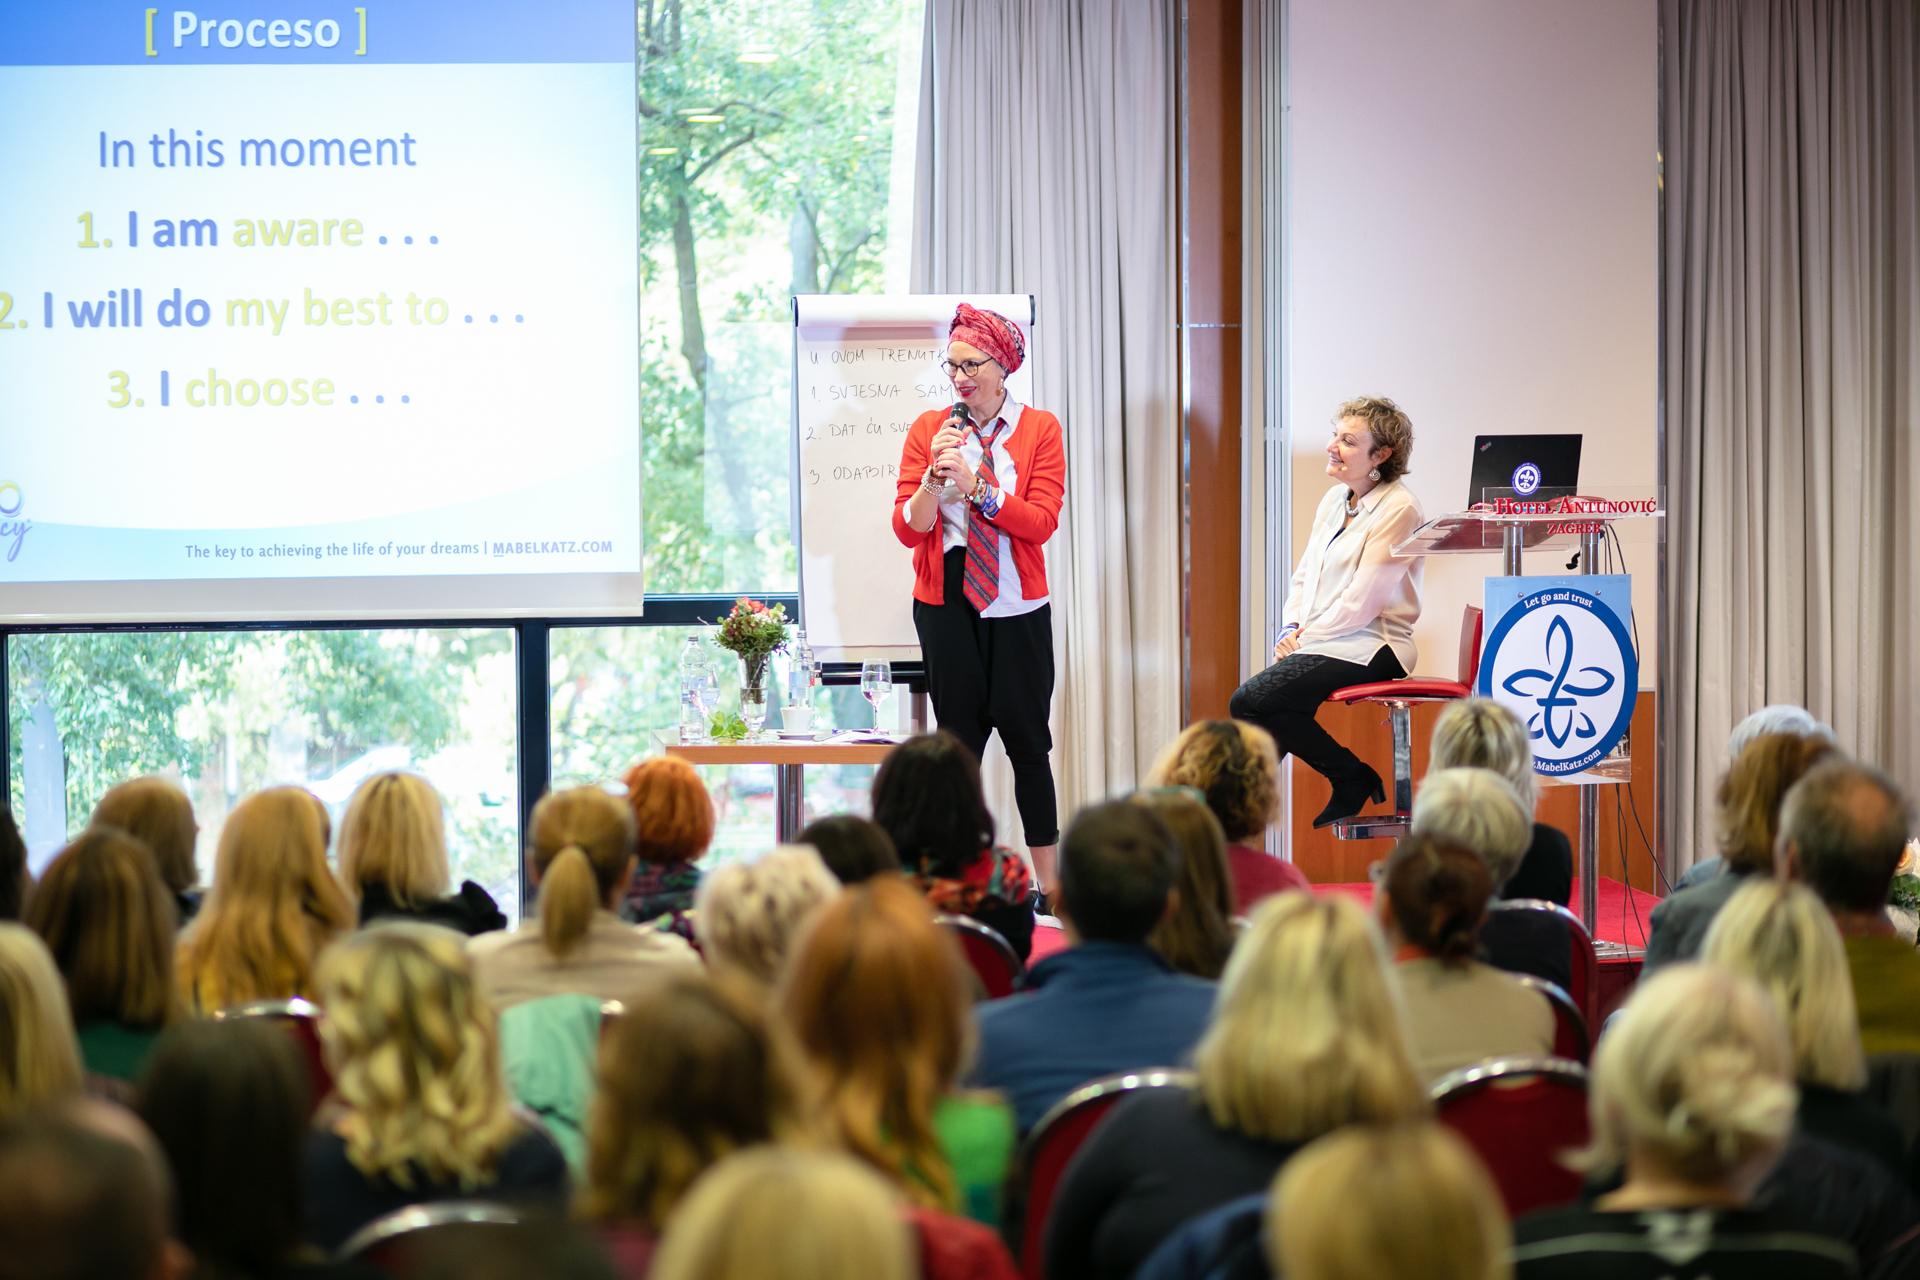 Entrenamientos & Conferencias